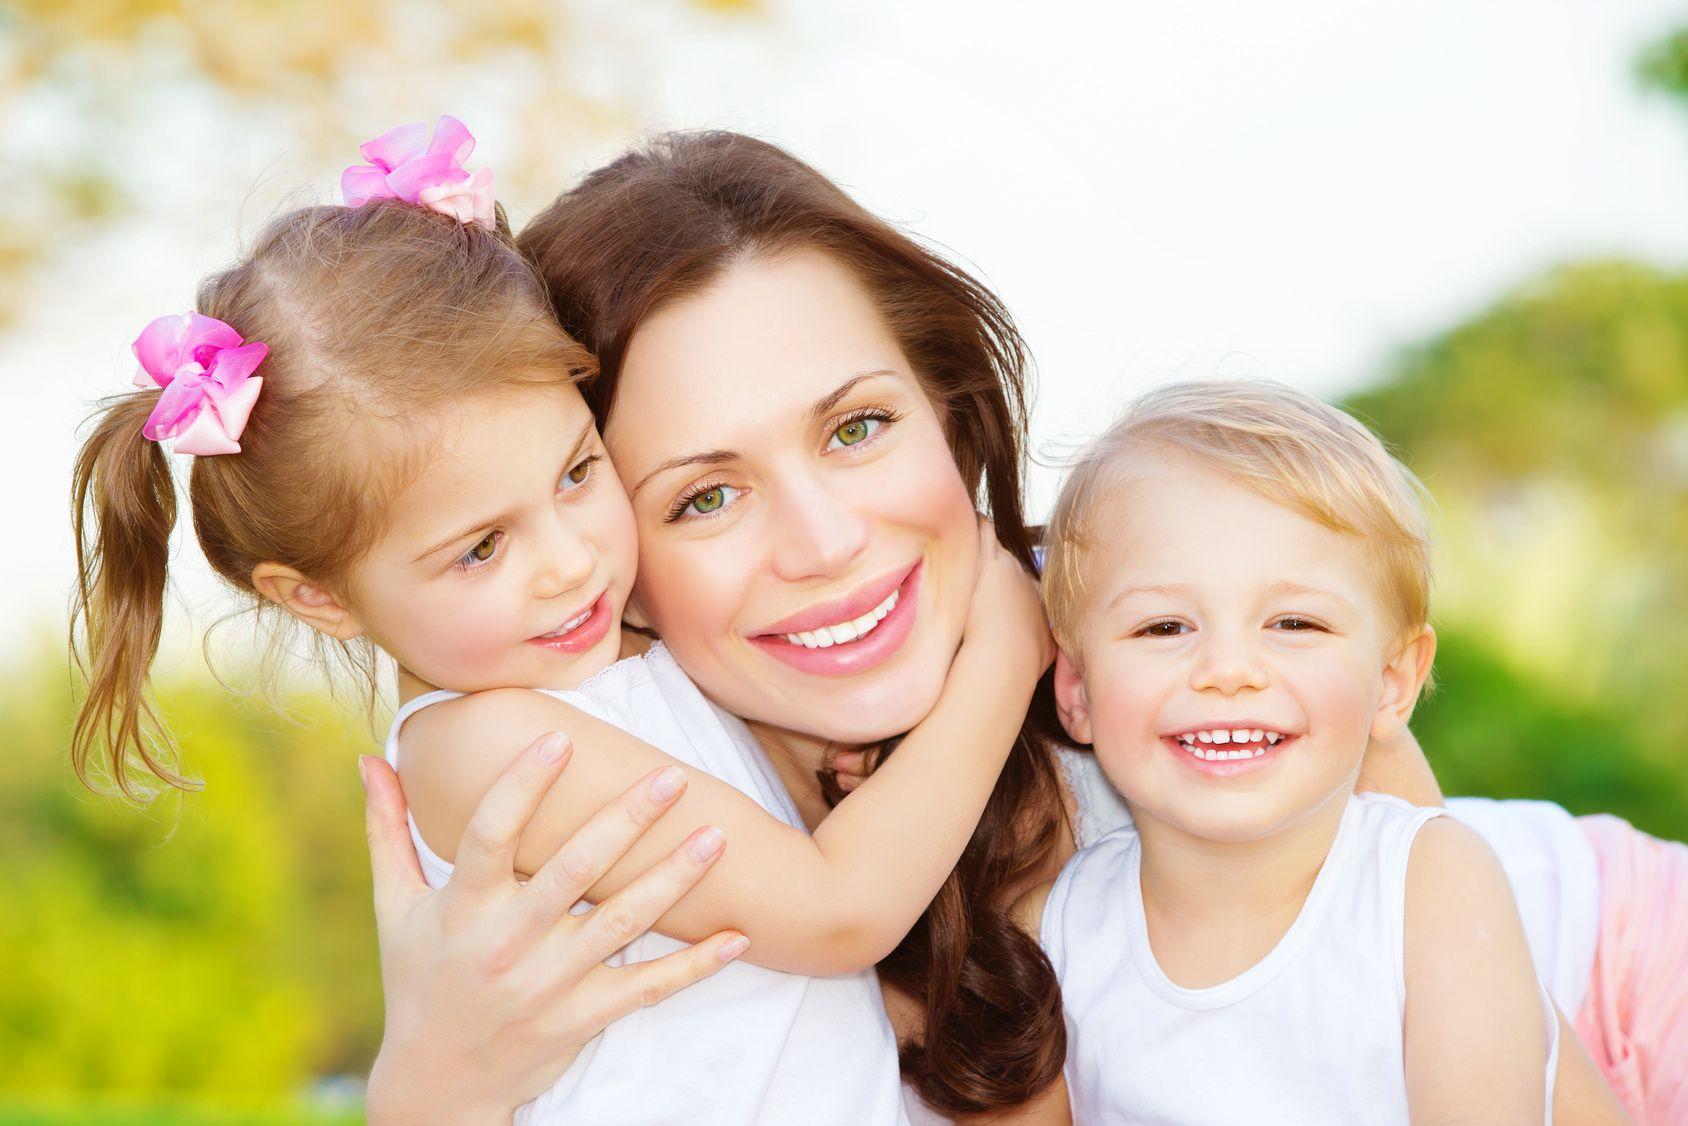 Мать и дочь картинки для детей